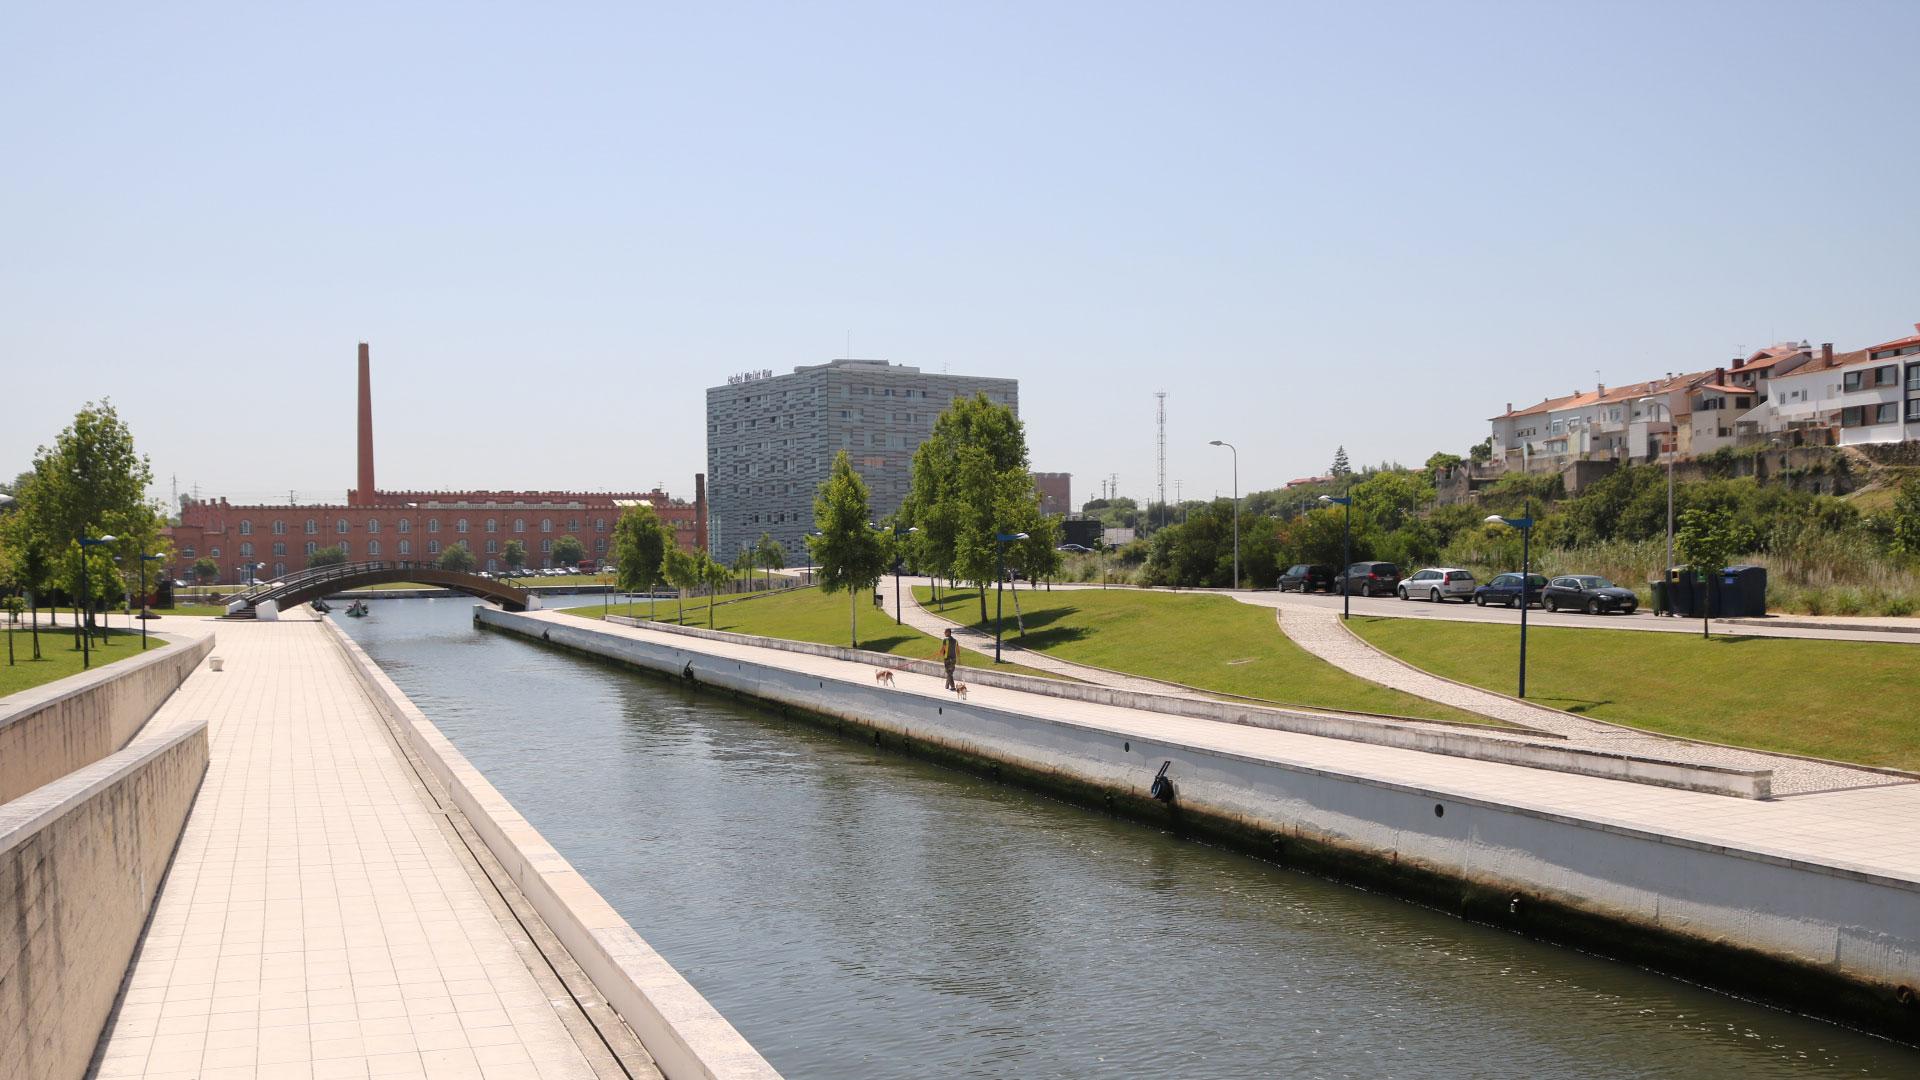 Fonte nova Aveiro imobiliaria comprar arrendar vender moradia apartamento casa T0 T1 T2 T3 T4 T5